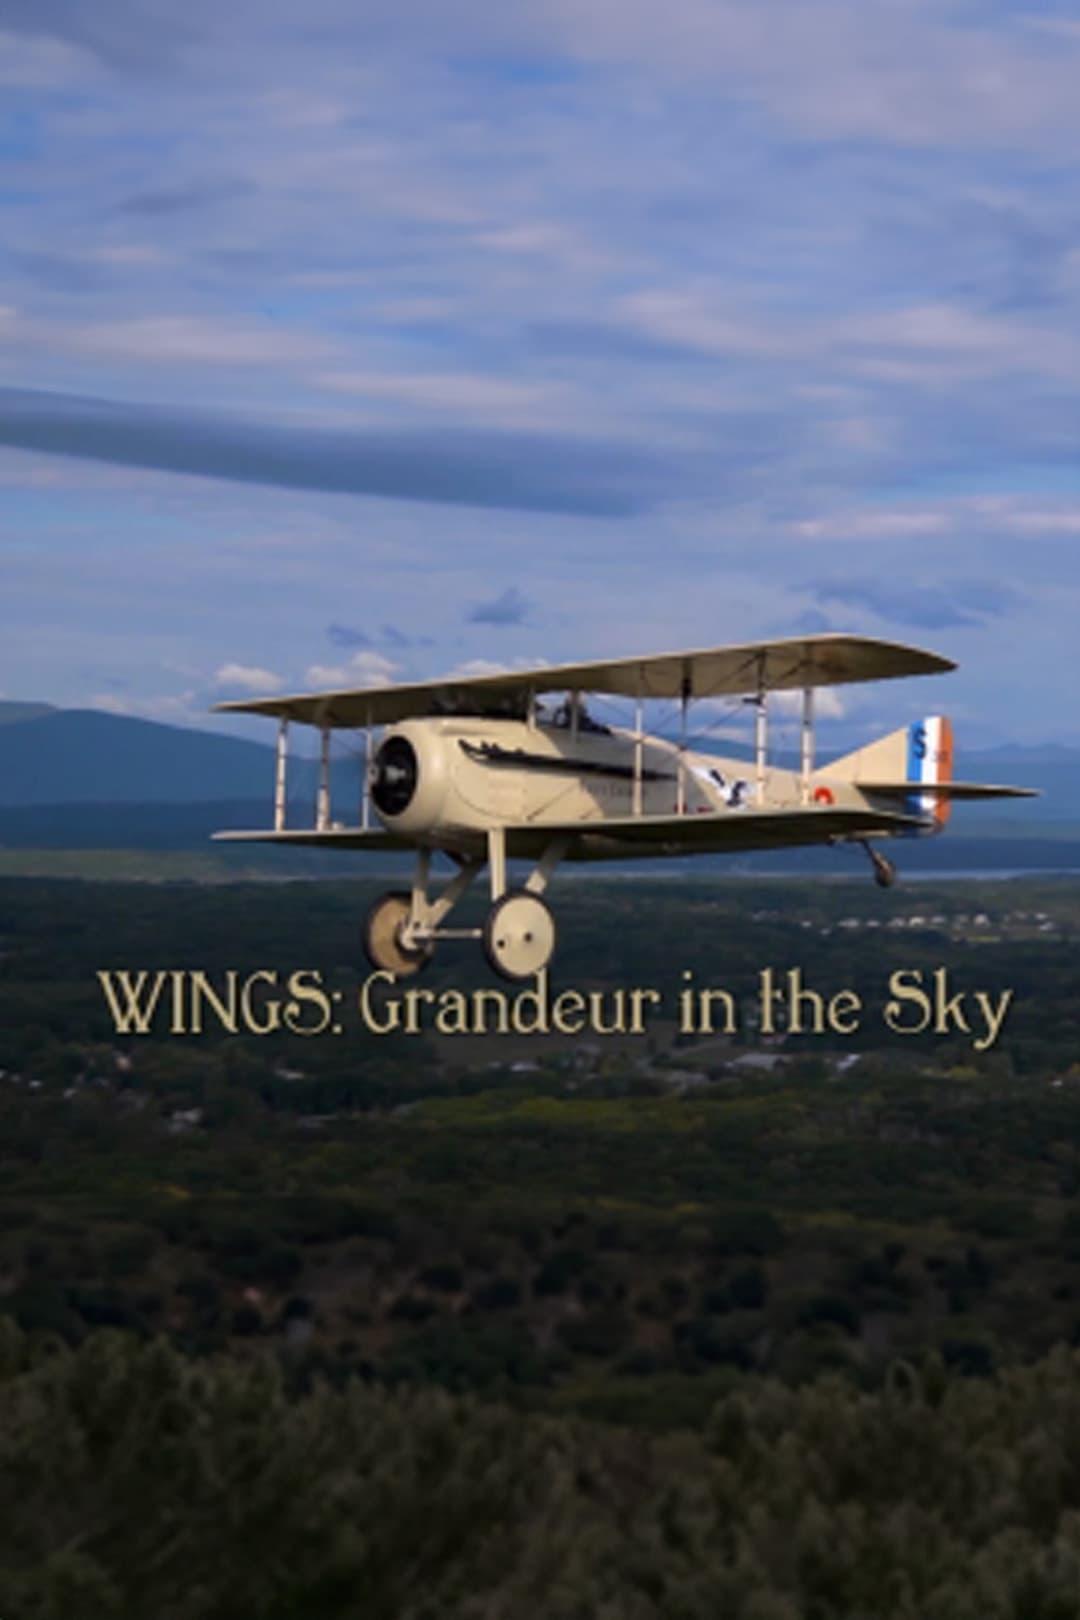 Wings: Grandeur in the Sky